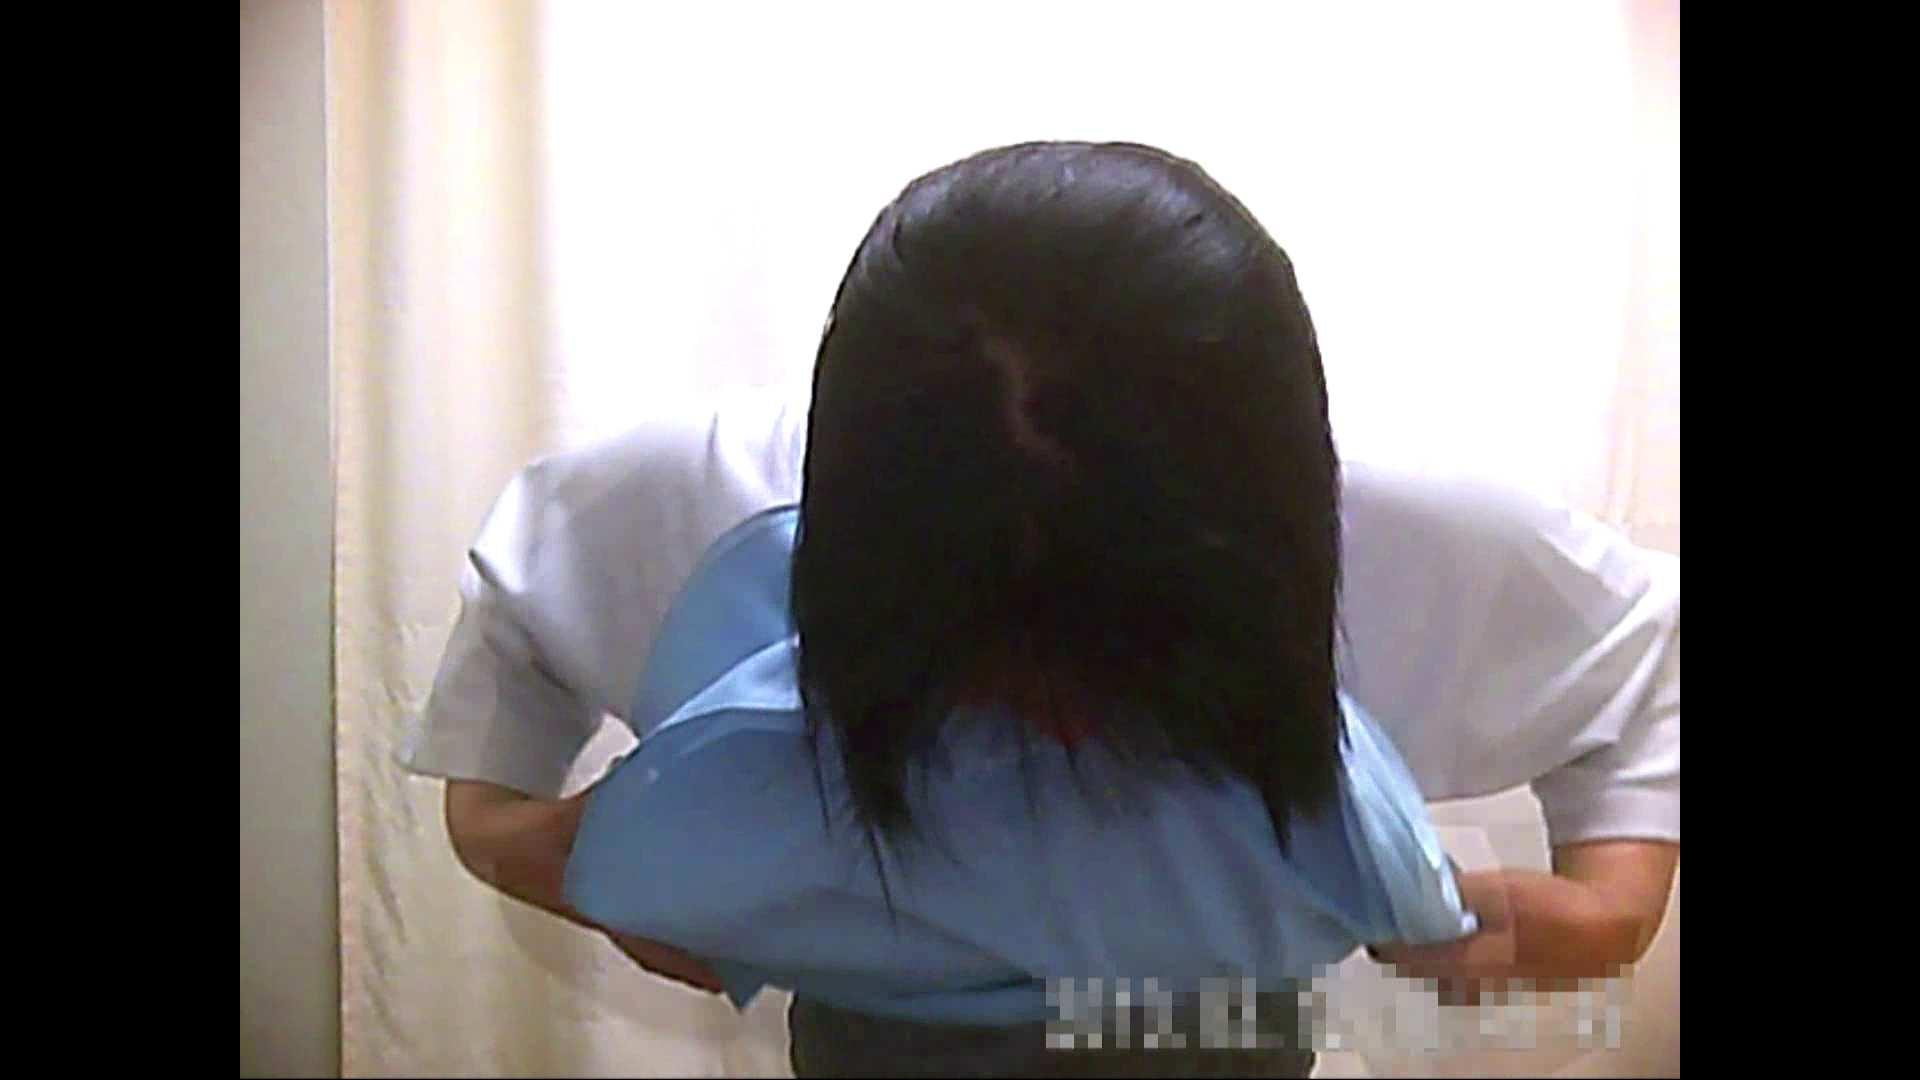 元医者による反抗 更衣室地獄絵巻 vol.099 OLハメ撮り  46Pix 12